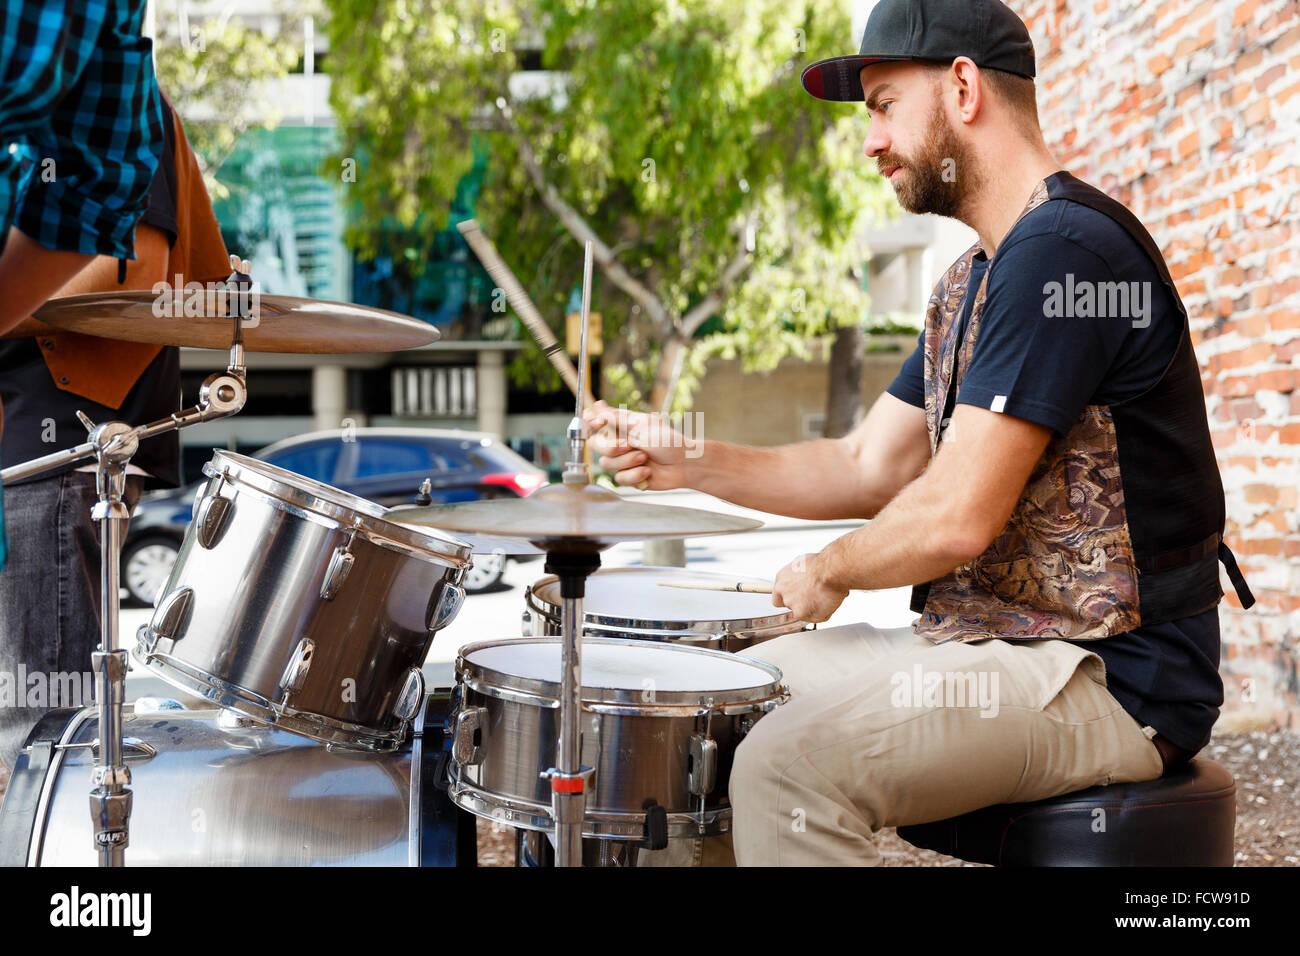 Eine Straße Muscian Schlagzeug spielen Stockbild